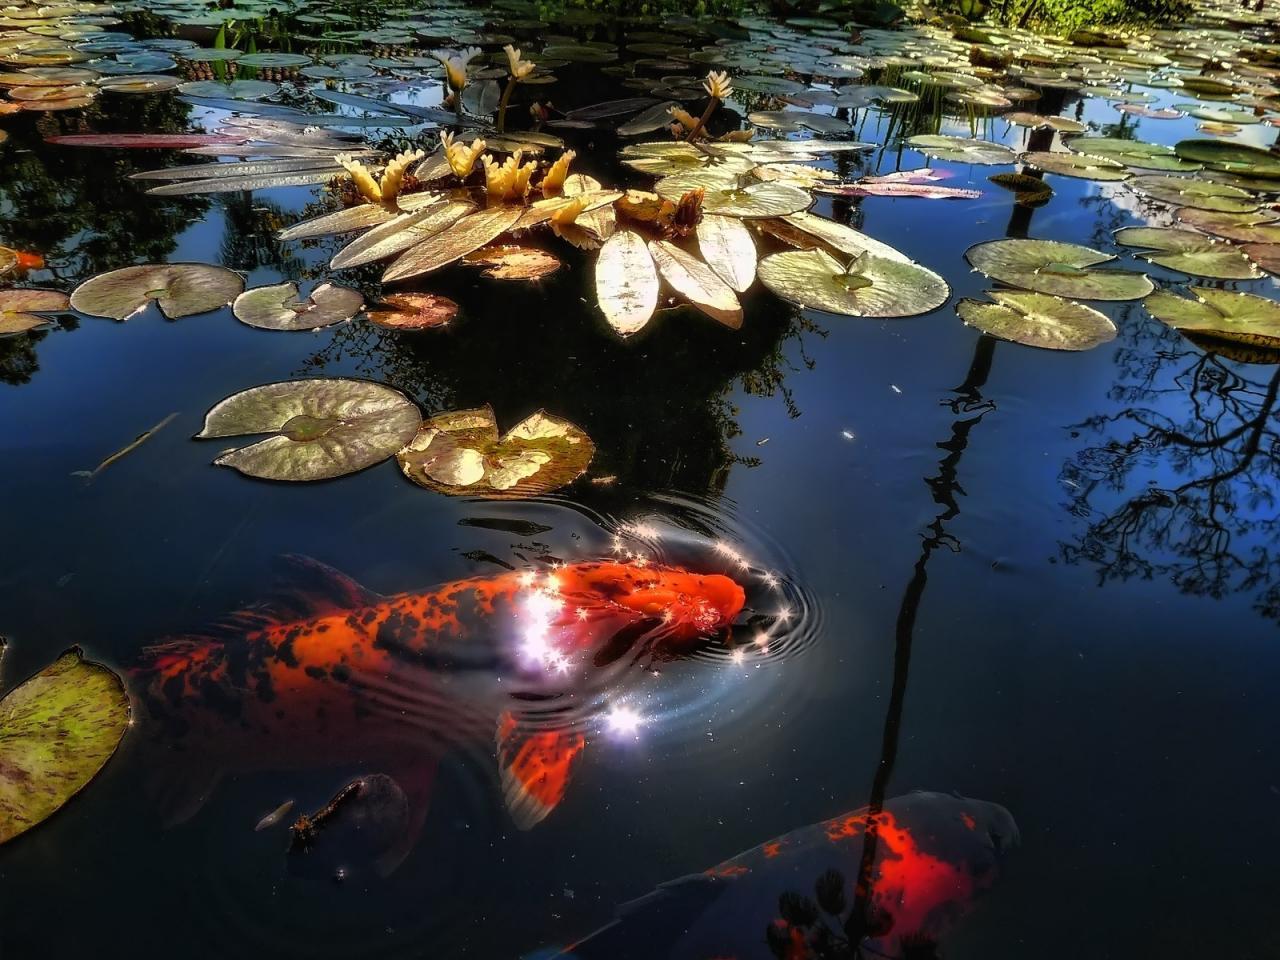 jezirko-podzim